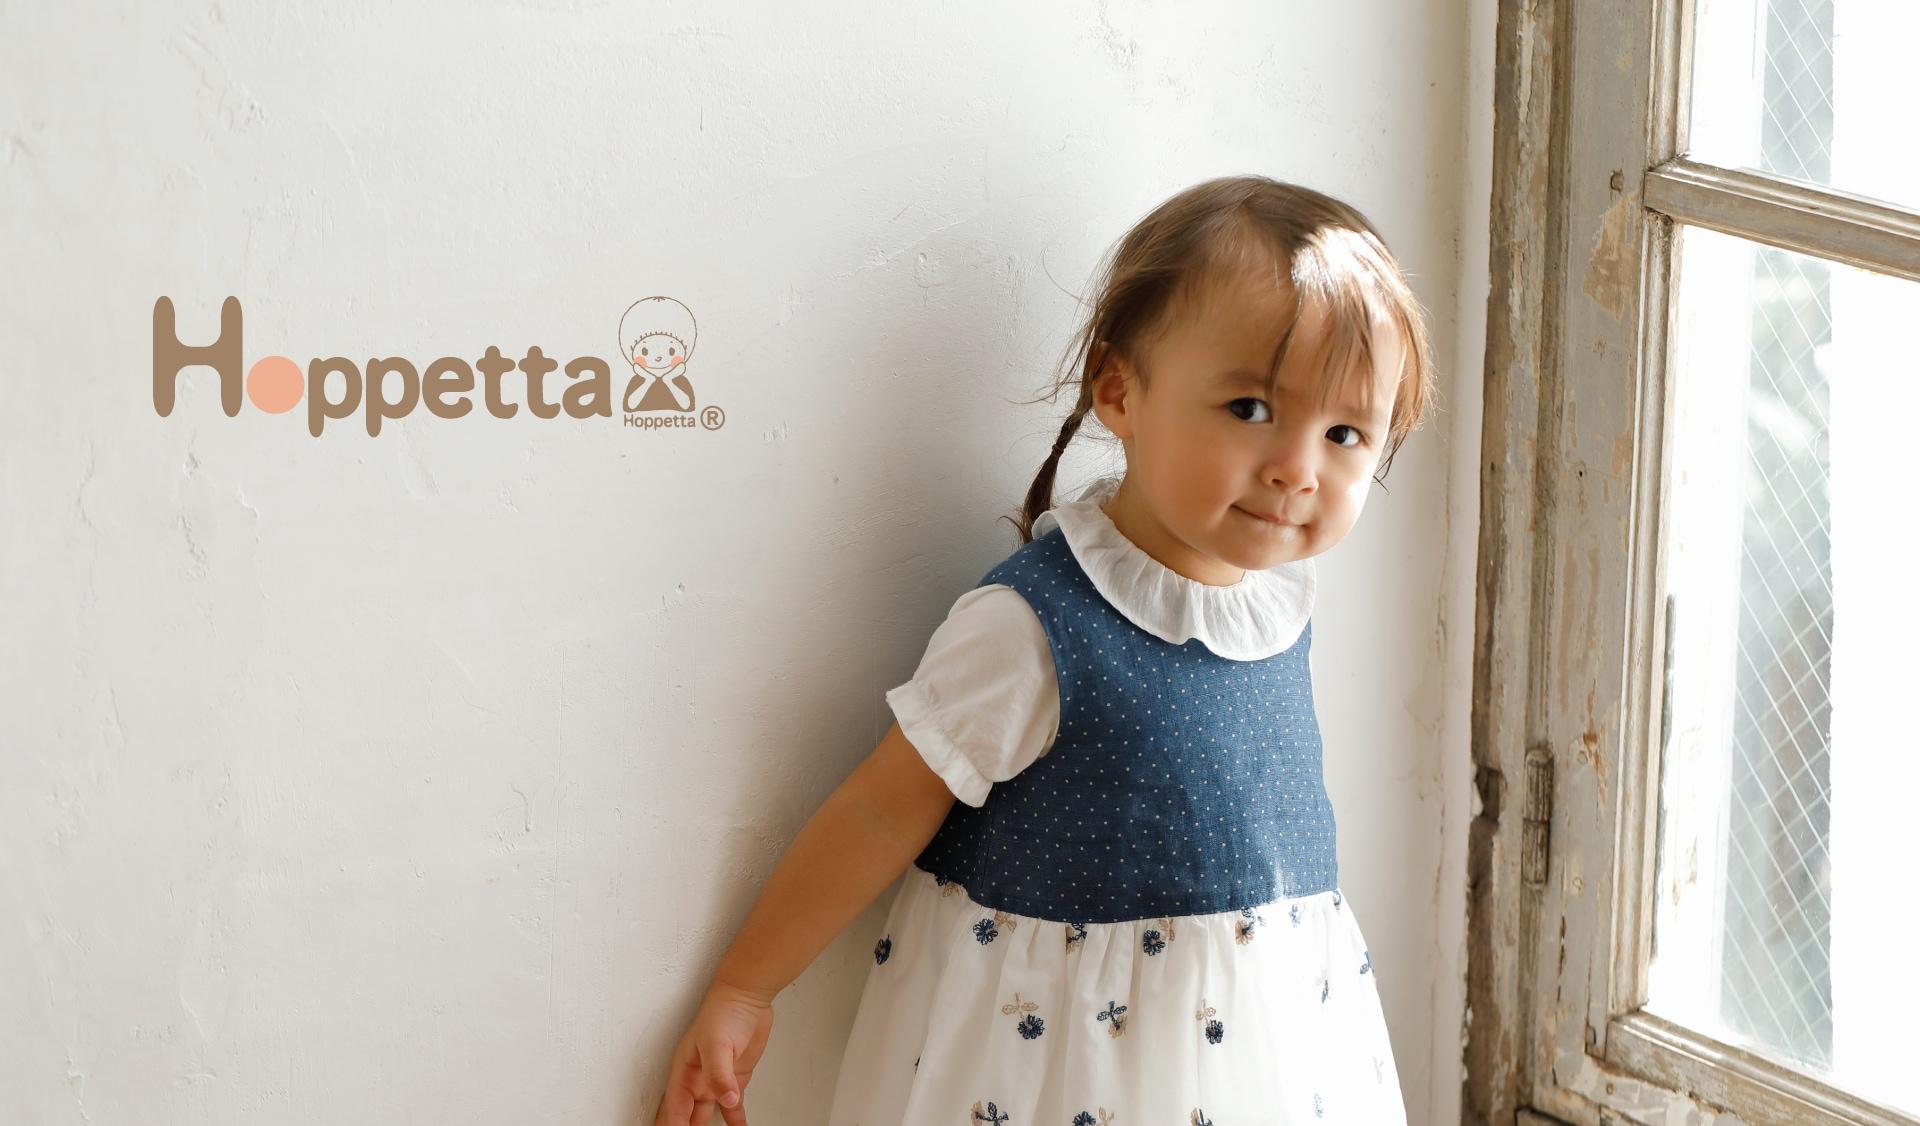 ベビー服 Hoppetta